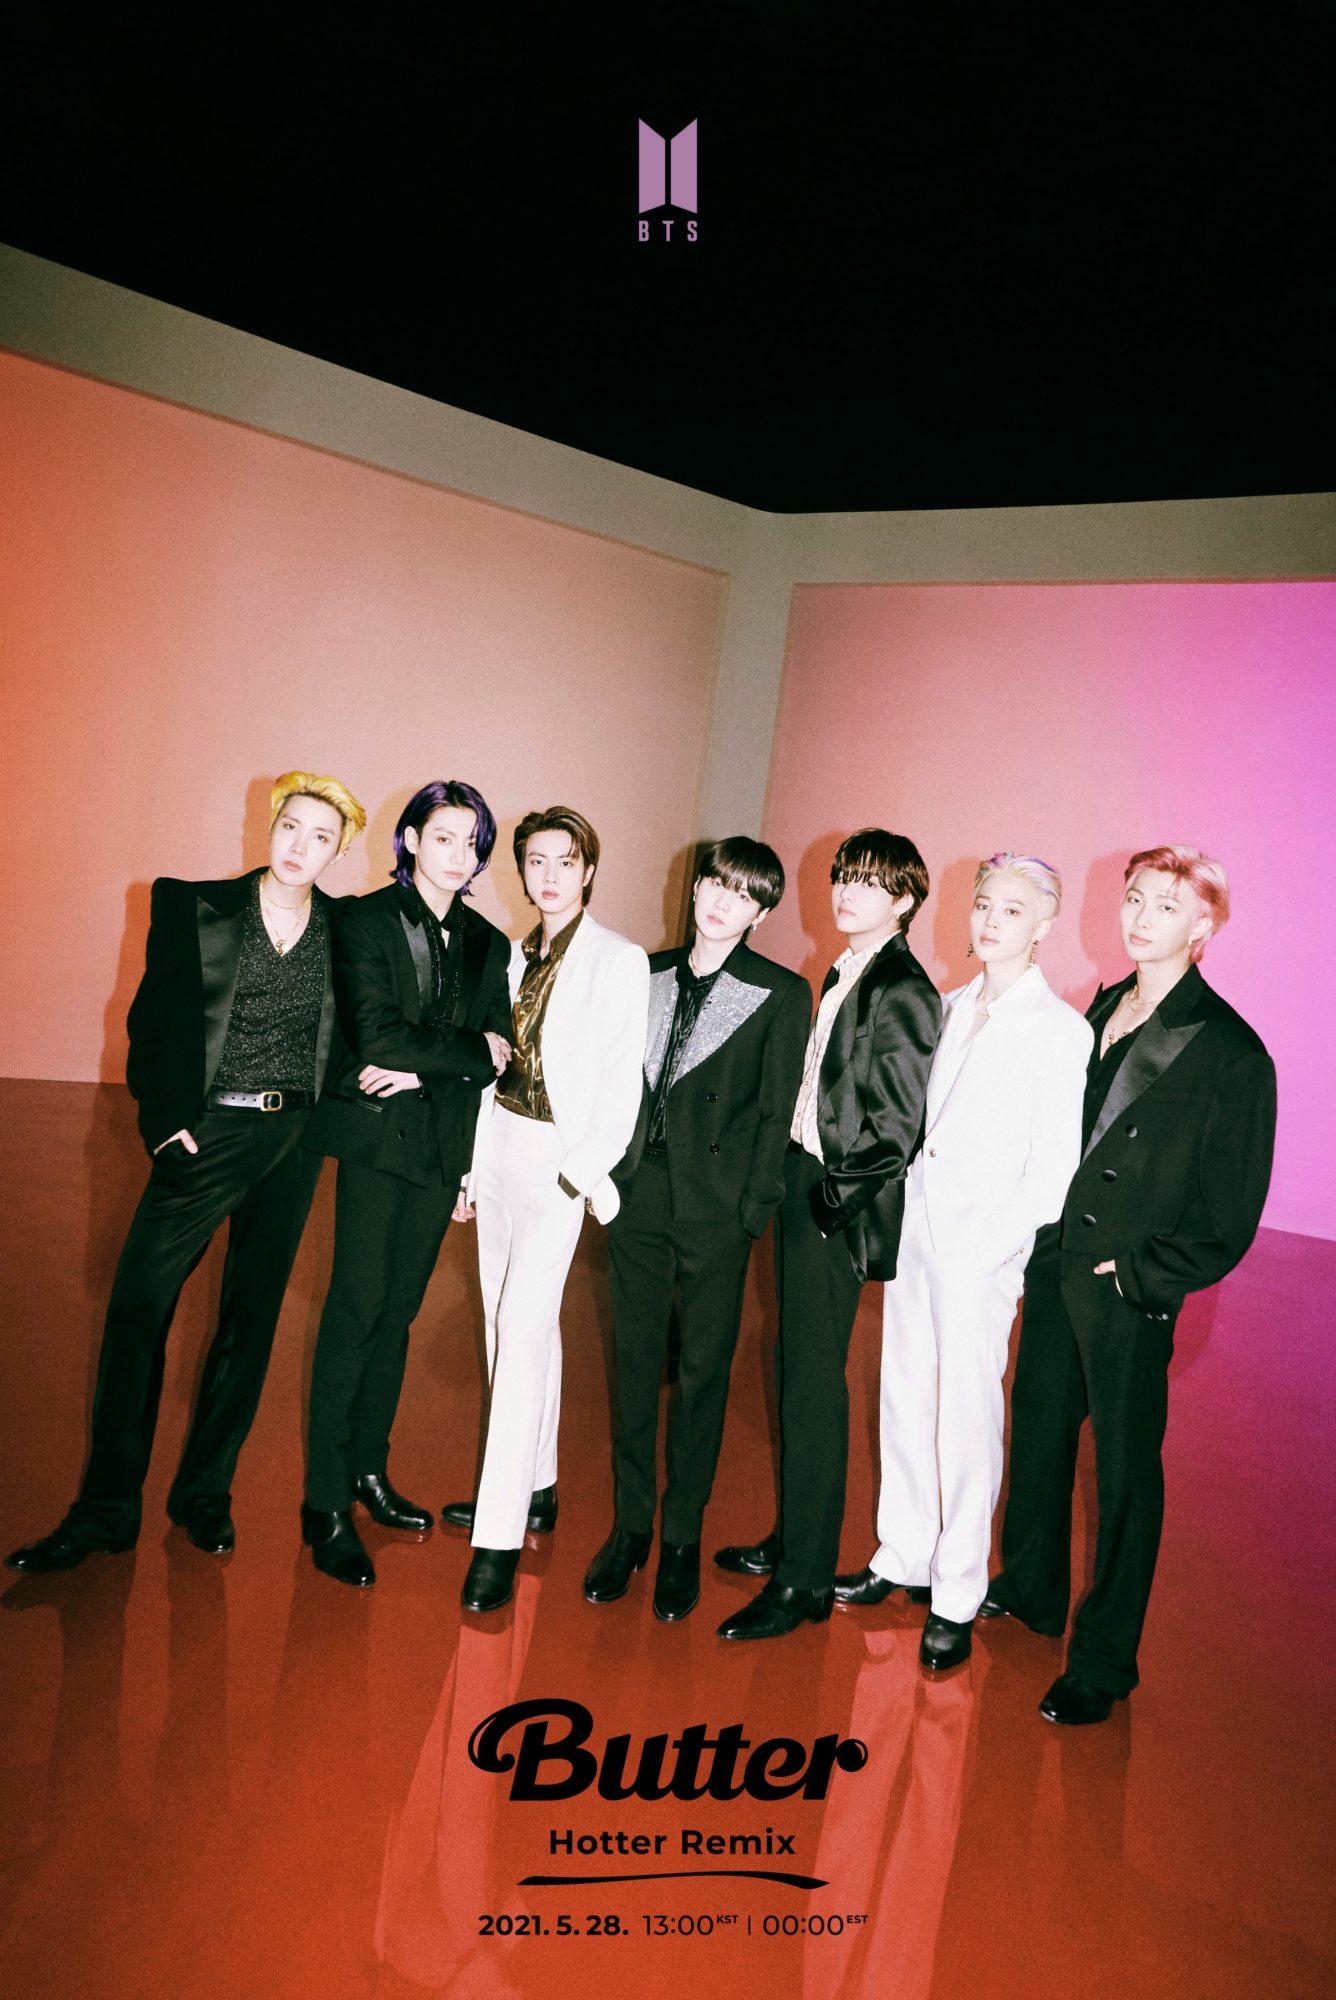 BTS Butter Hotter Remix Teaser Photos HD/HQ   K Pop Database ...